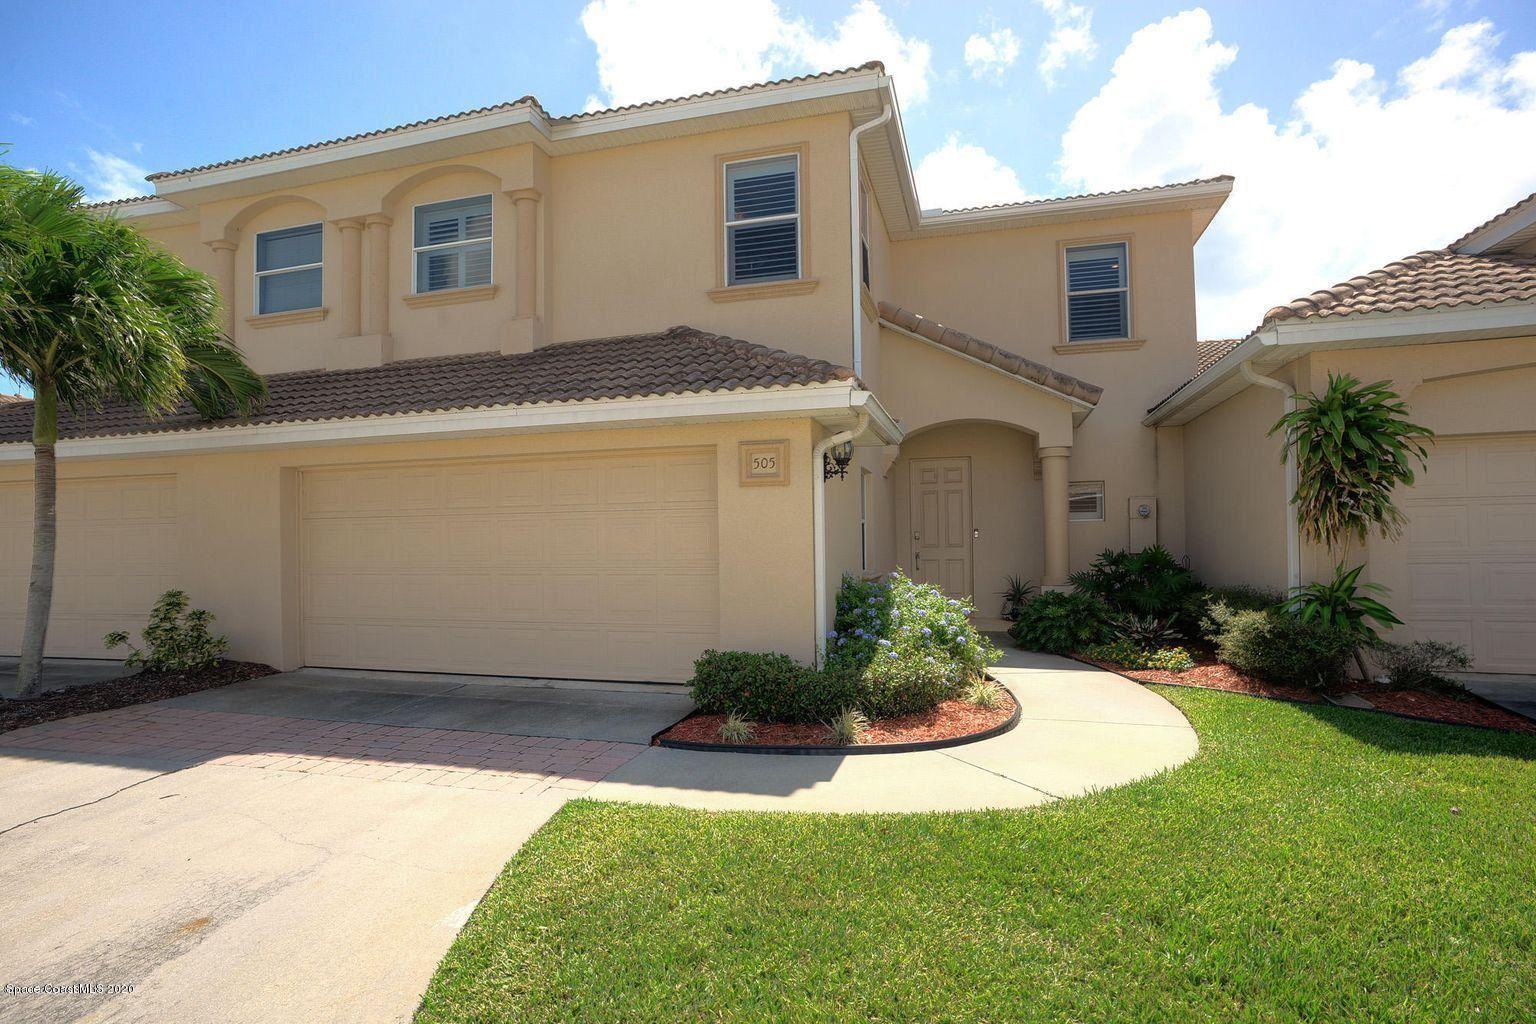 505 Siena Court, Satellite Beach, FL 32937 - #: 890722